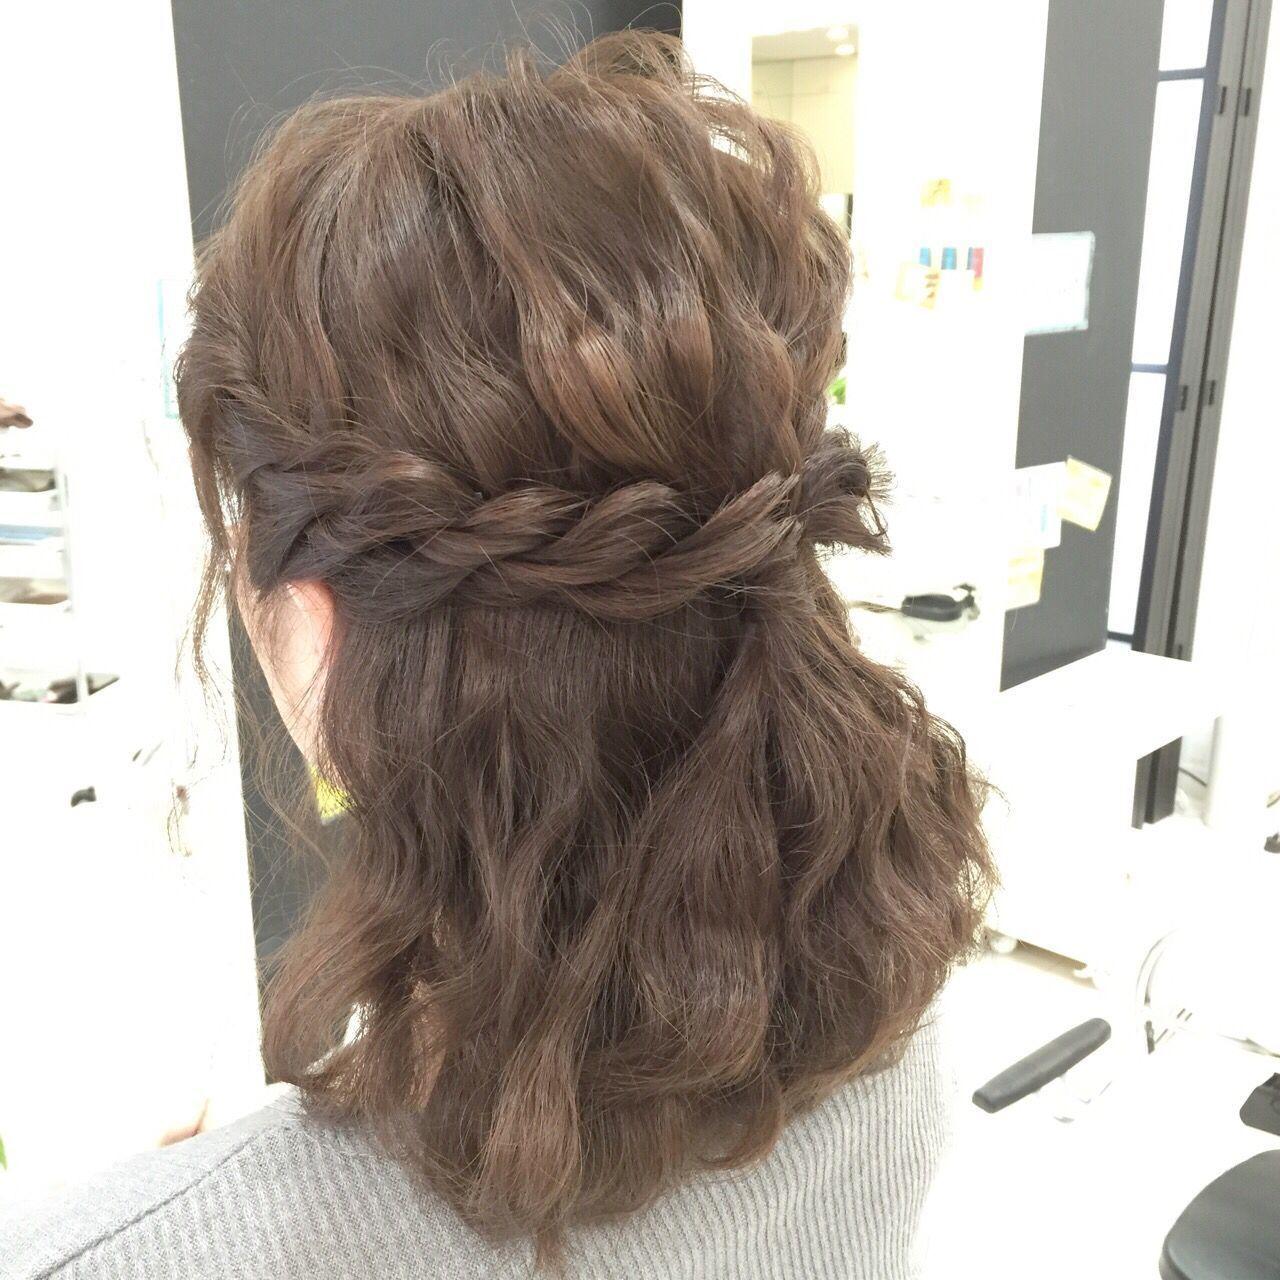 ミディアムさんにおすすめ♡「まとめ髪」簡単ヘアアレンジカタログの10枚目の画像